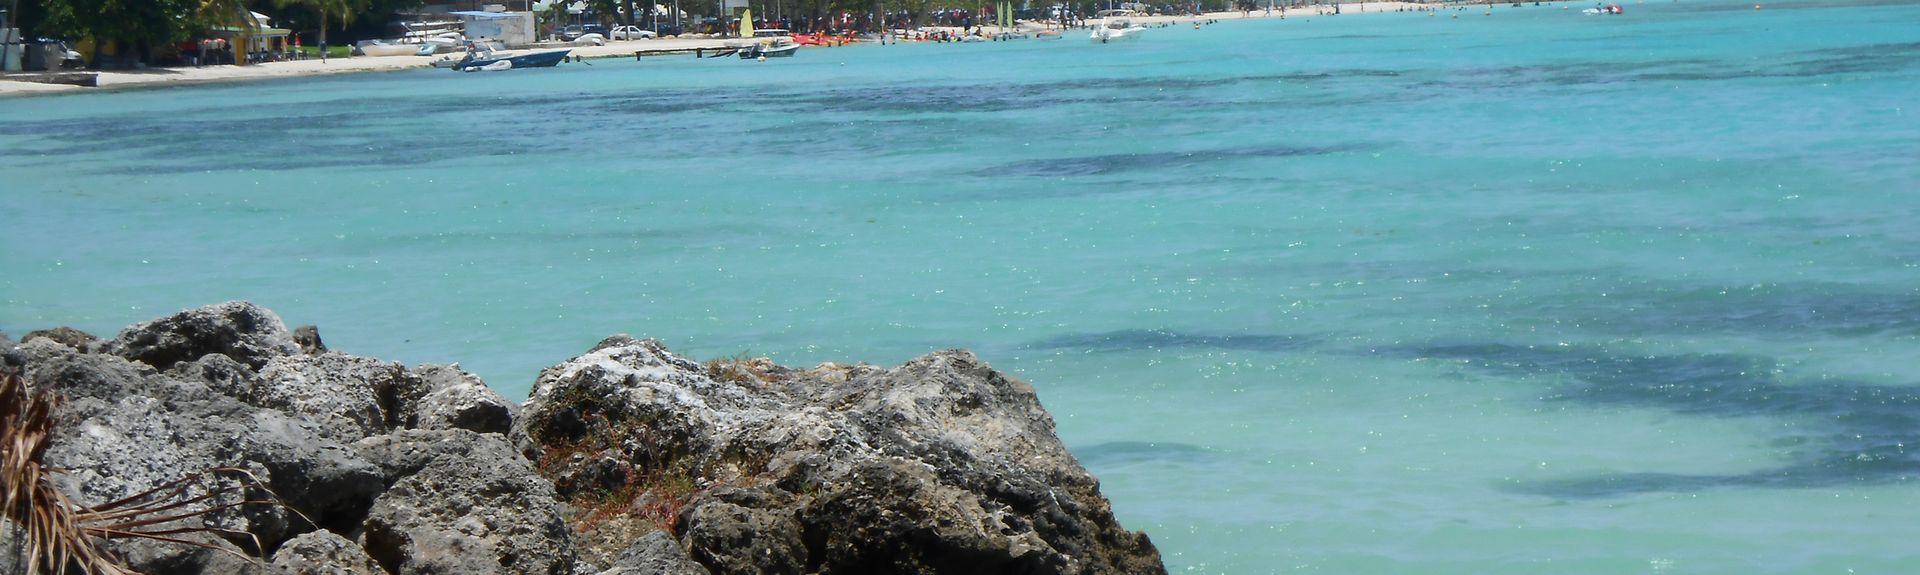 Ste-Anne Beach, Sainte-Anne, Grande-Terre, Guadeloupe